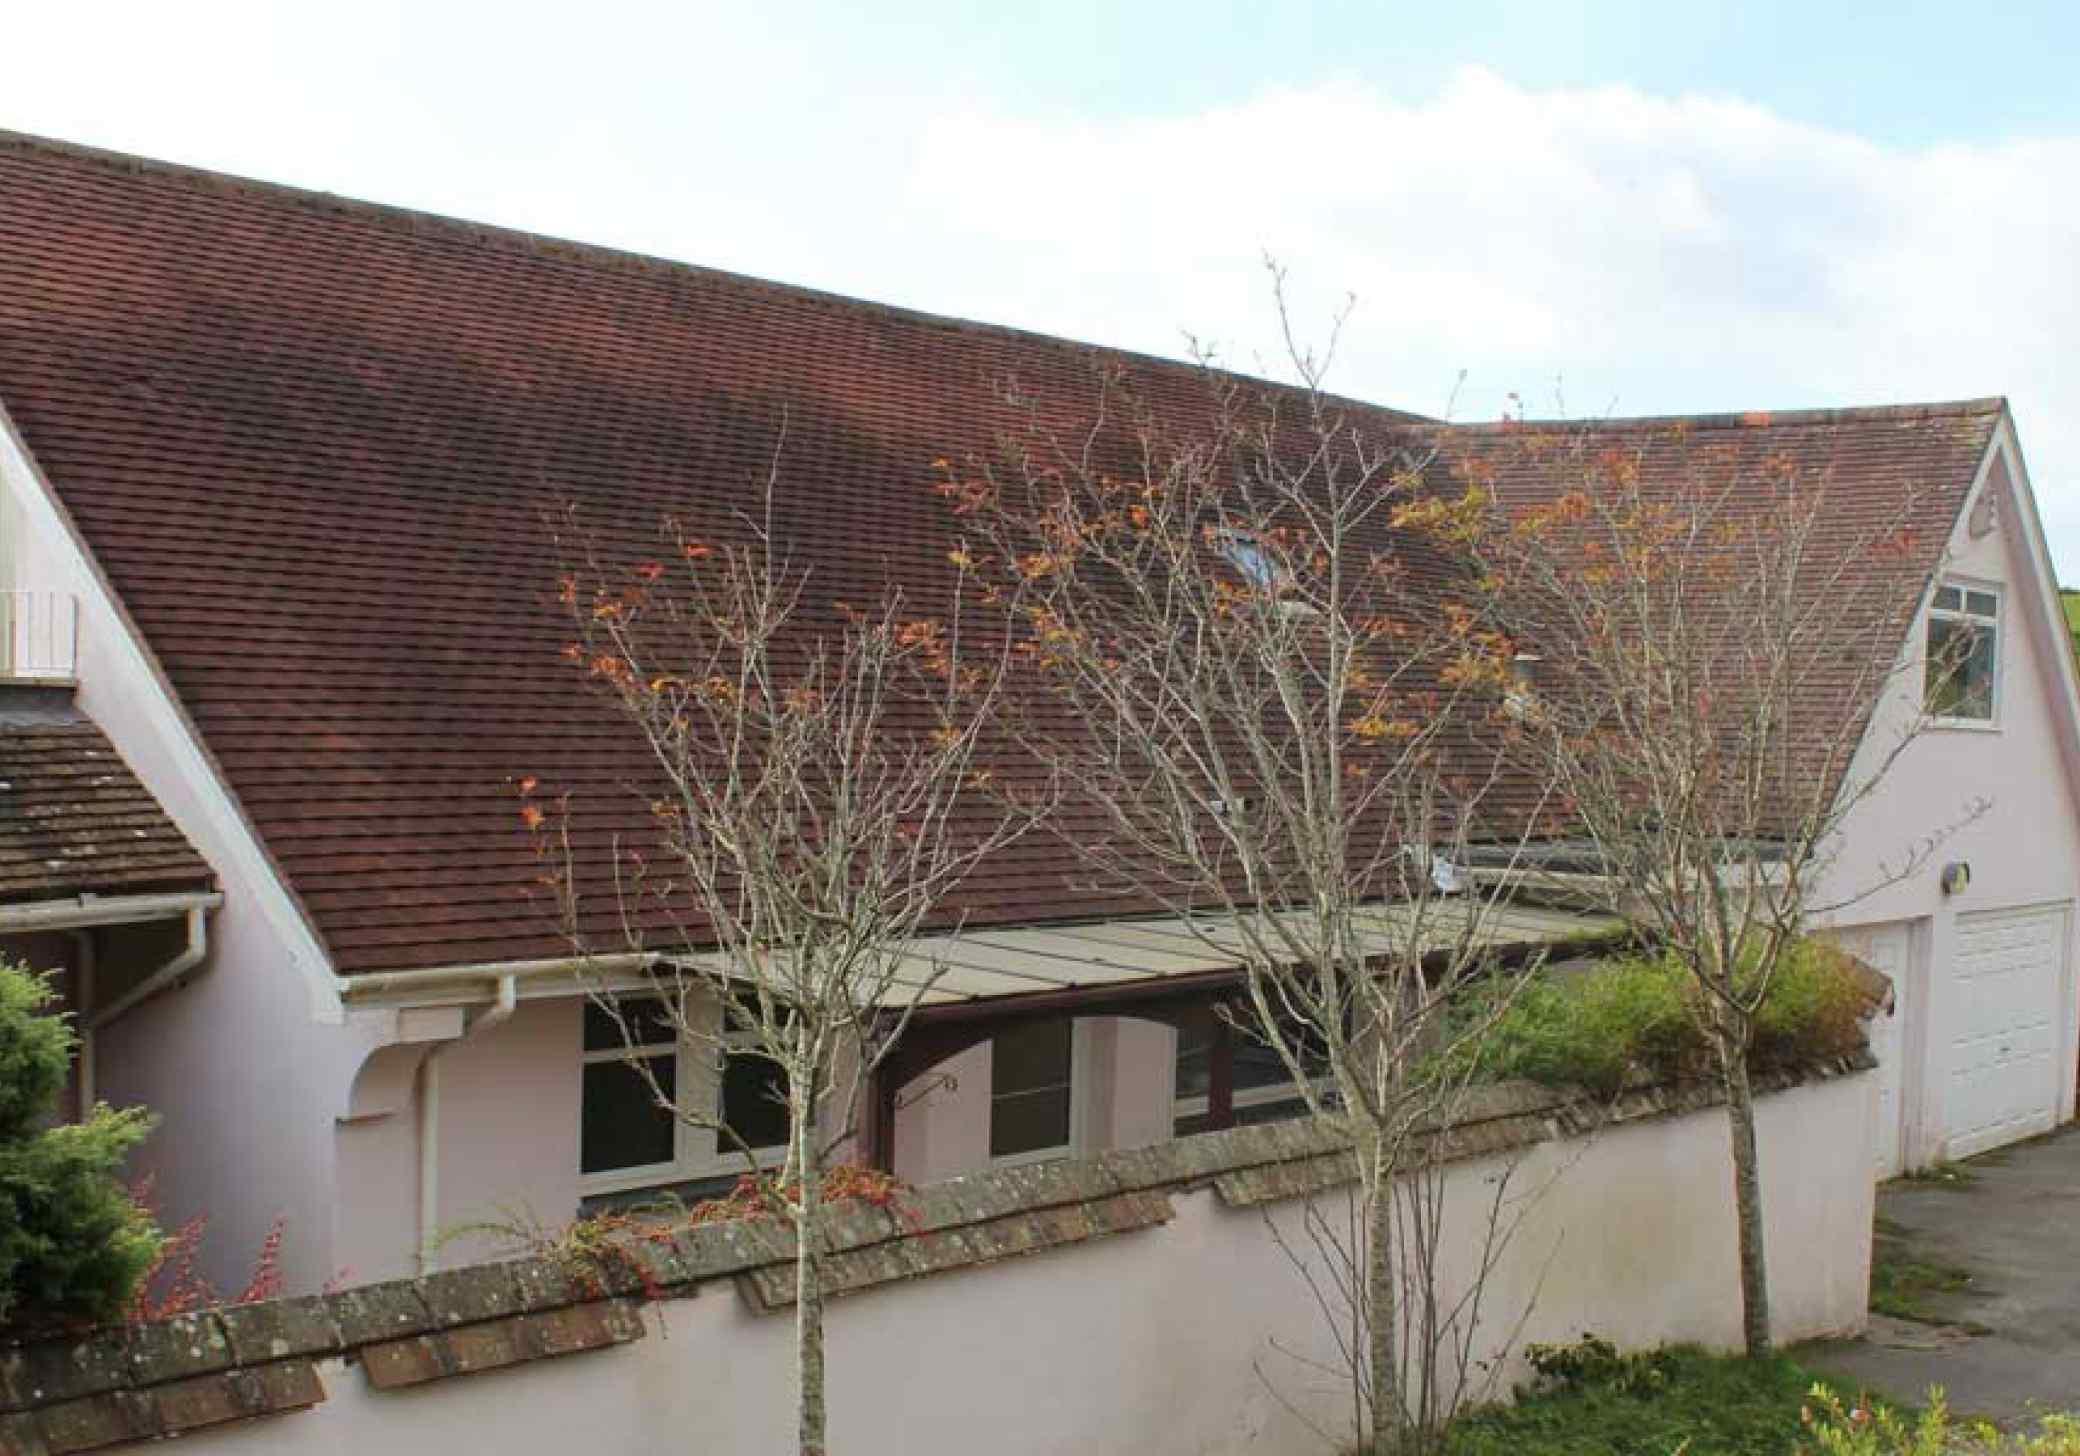 Borth y Gest, Porthmadog, North wales - Legacy dwelling